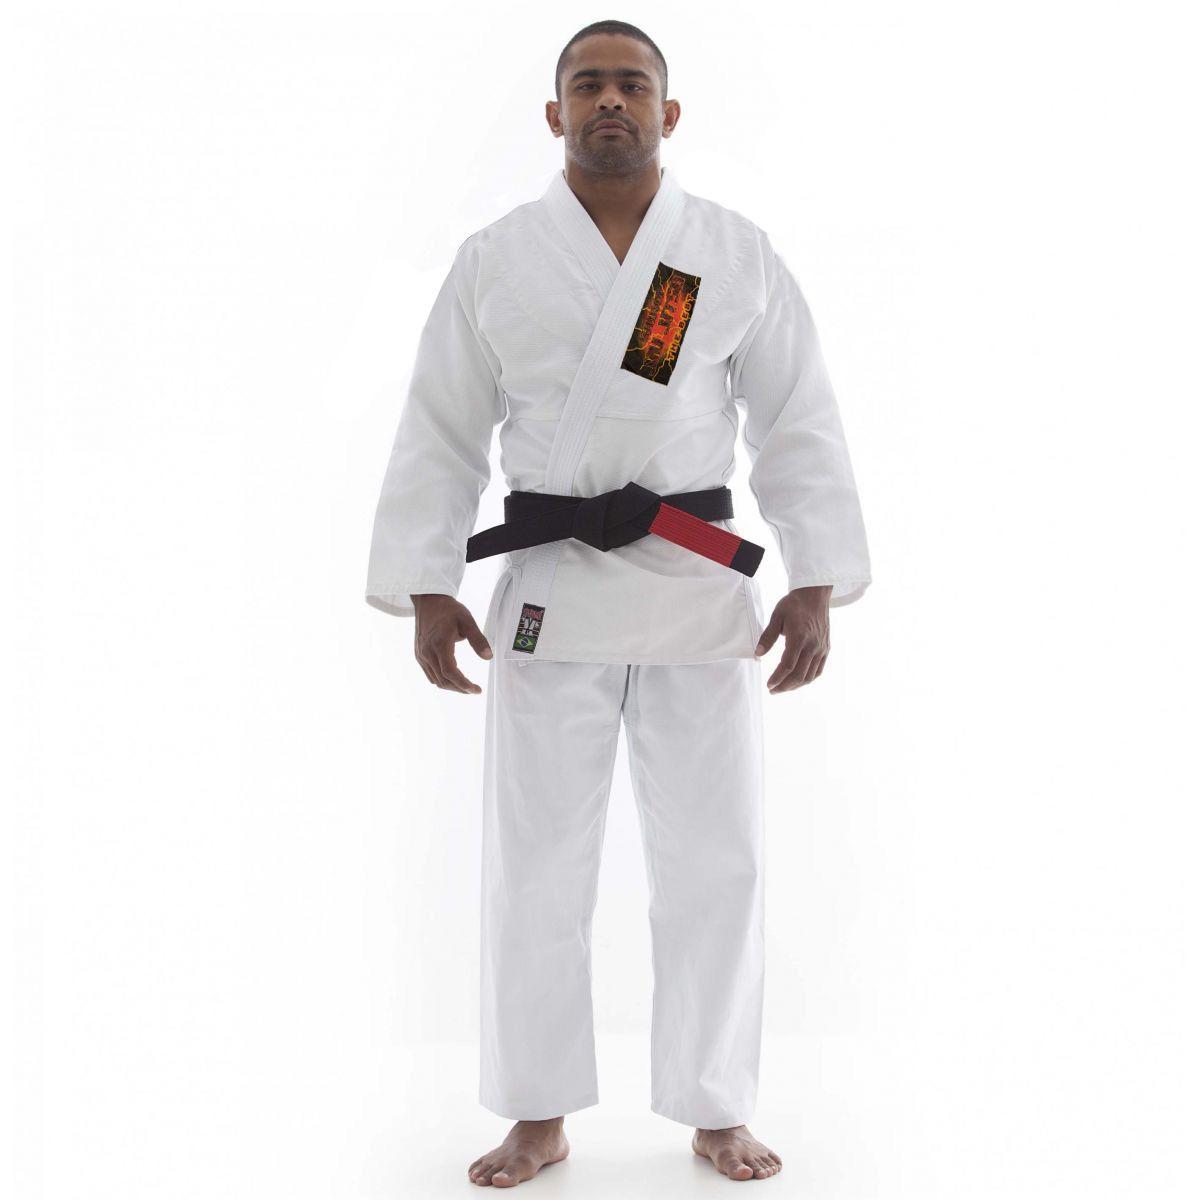 Kimono Jiu Jitsu - Trancado - The Best - Shiroi - Branco